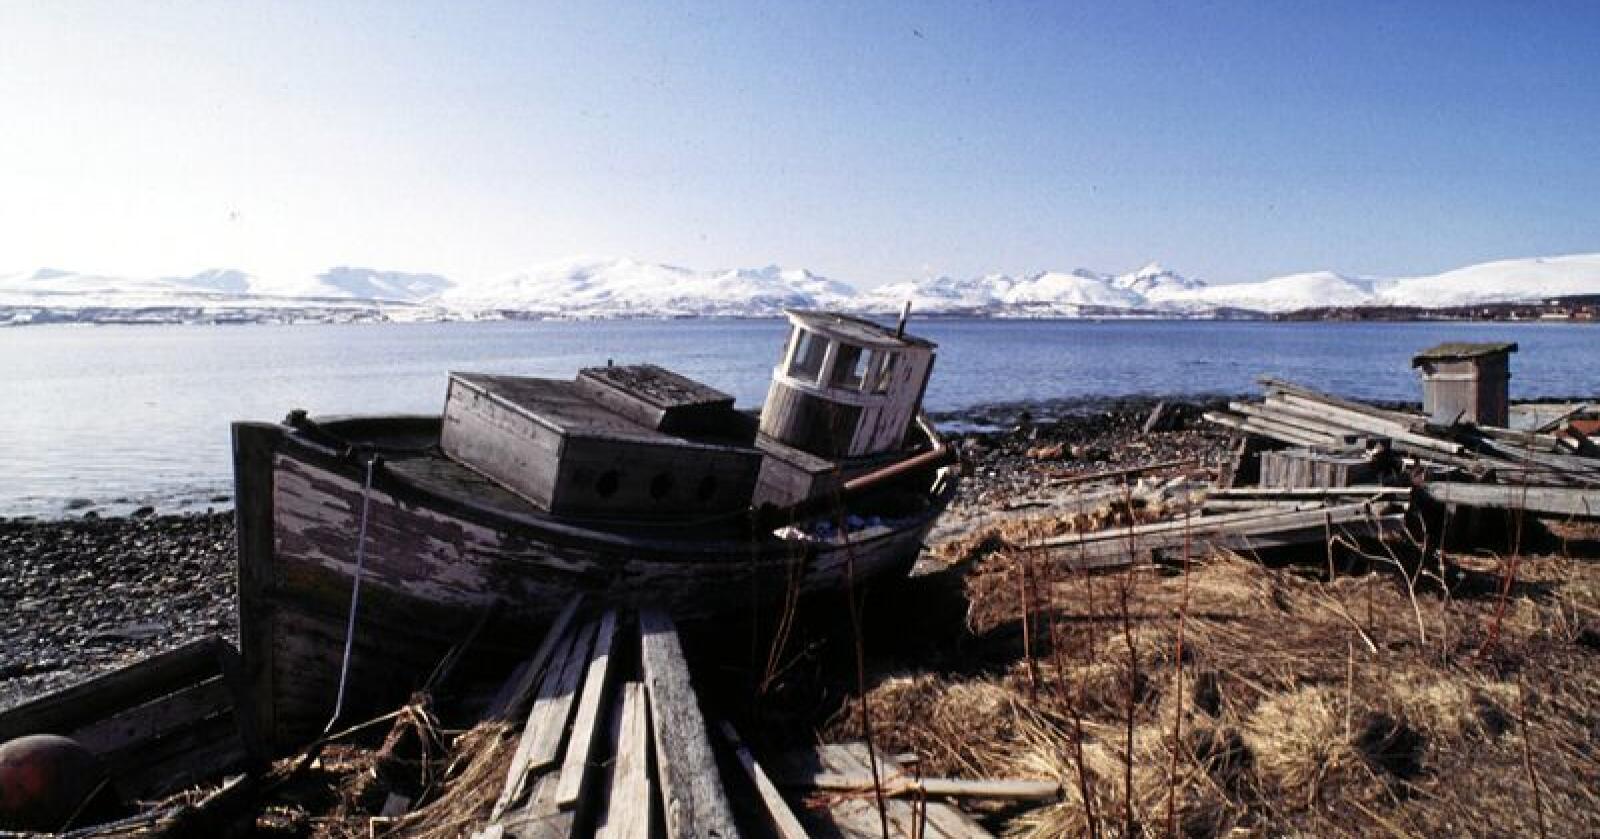 Livet i Nord-Norge og Distrikts-Norge for øvrig er bedre enn sitt rykte, skriver leserbrevforfatteren. Foto: Siri Juell Rasmussen